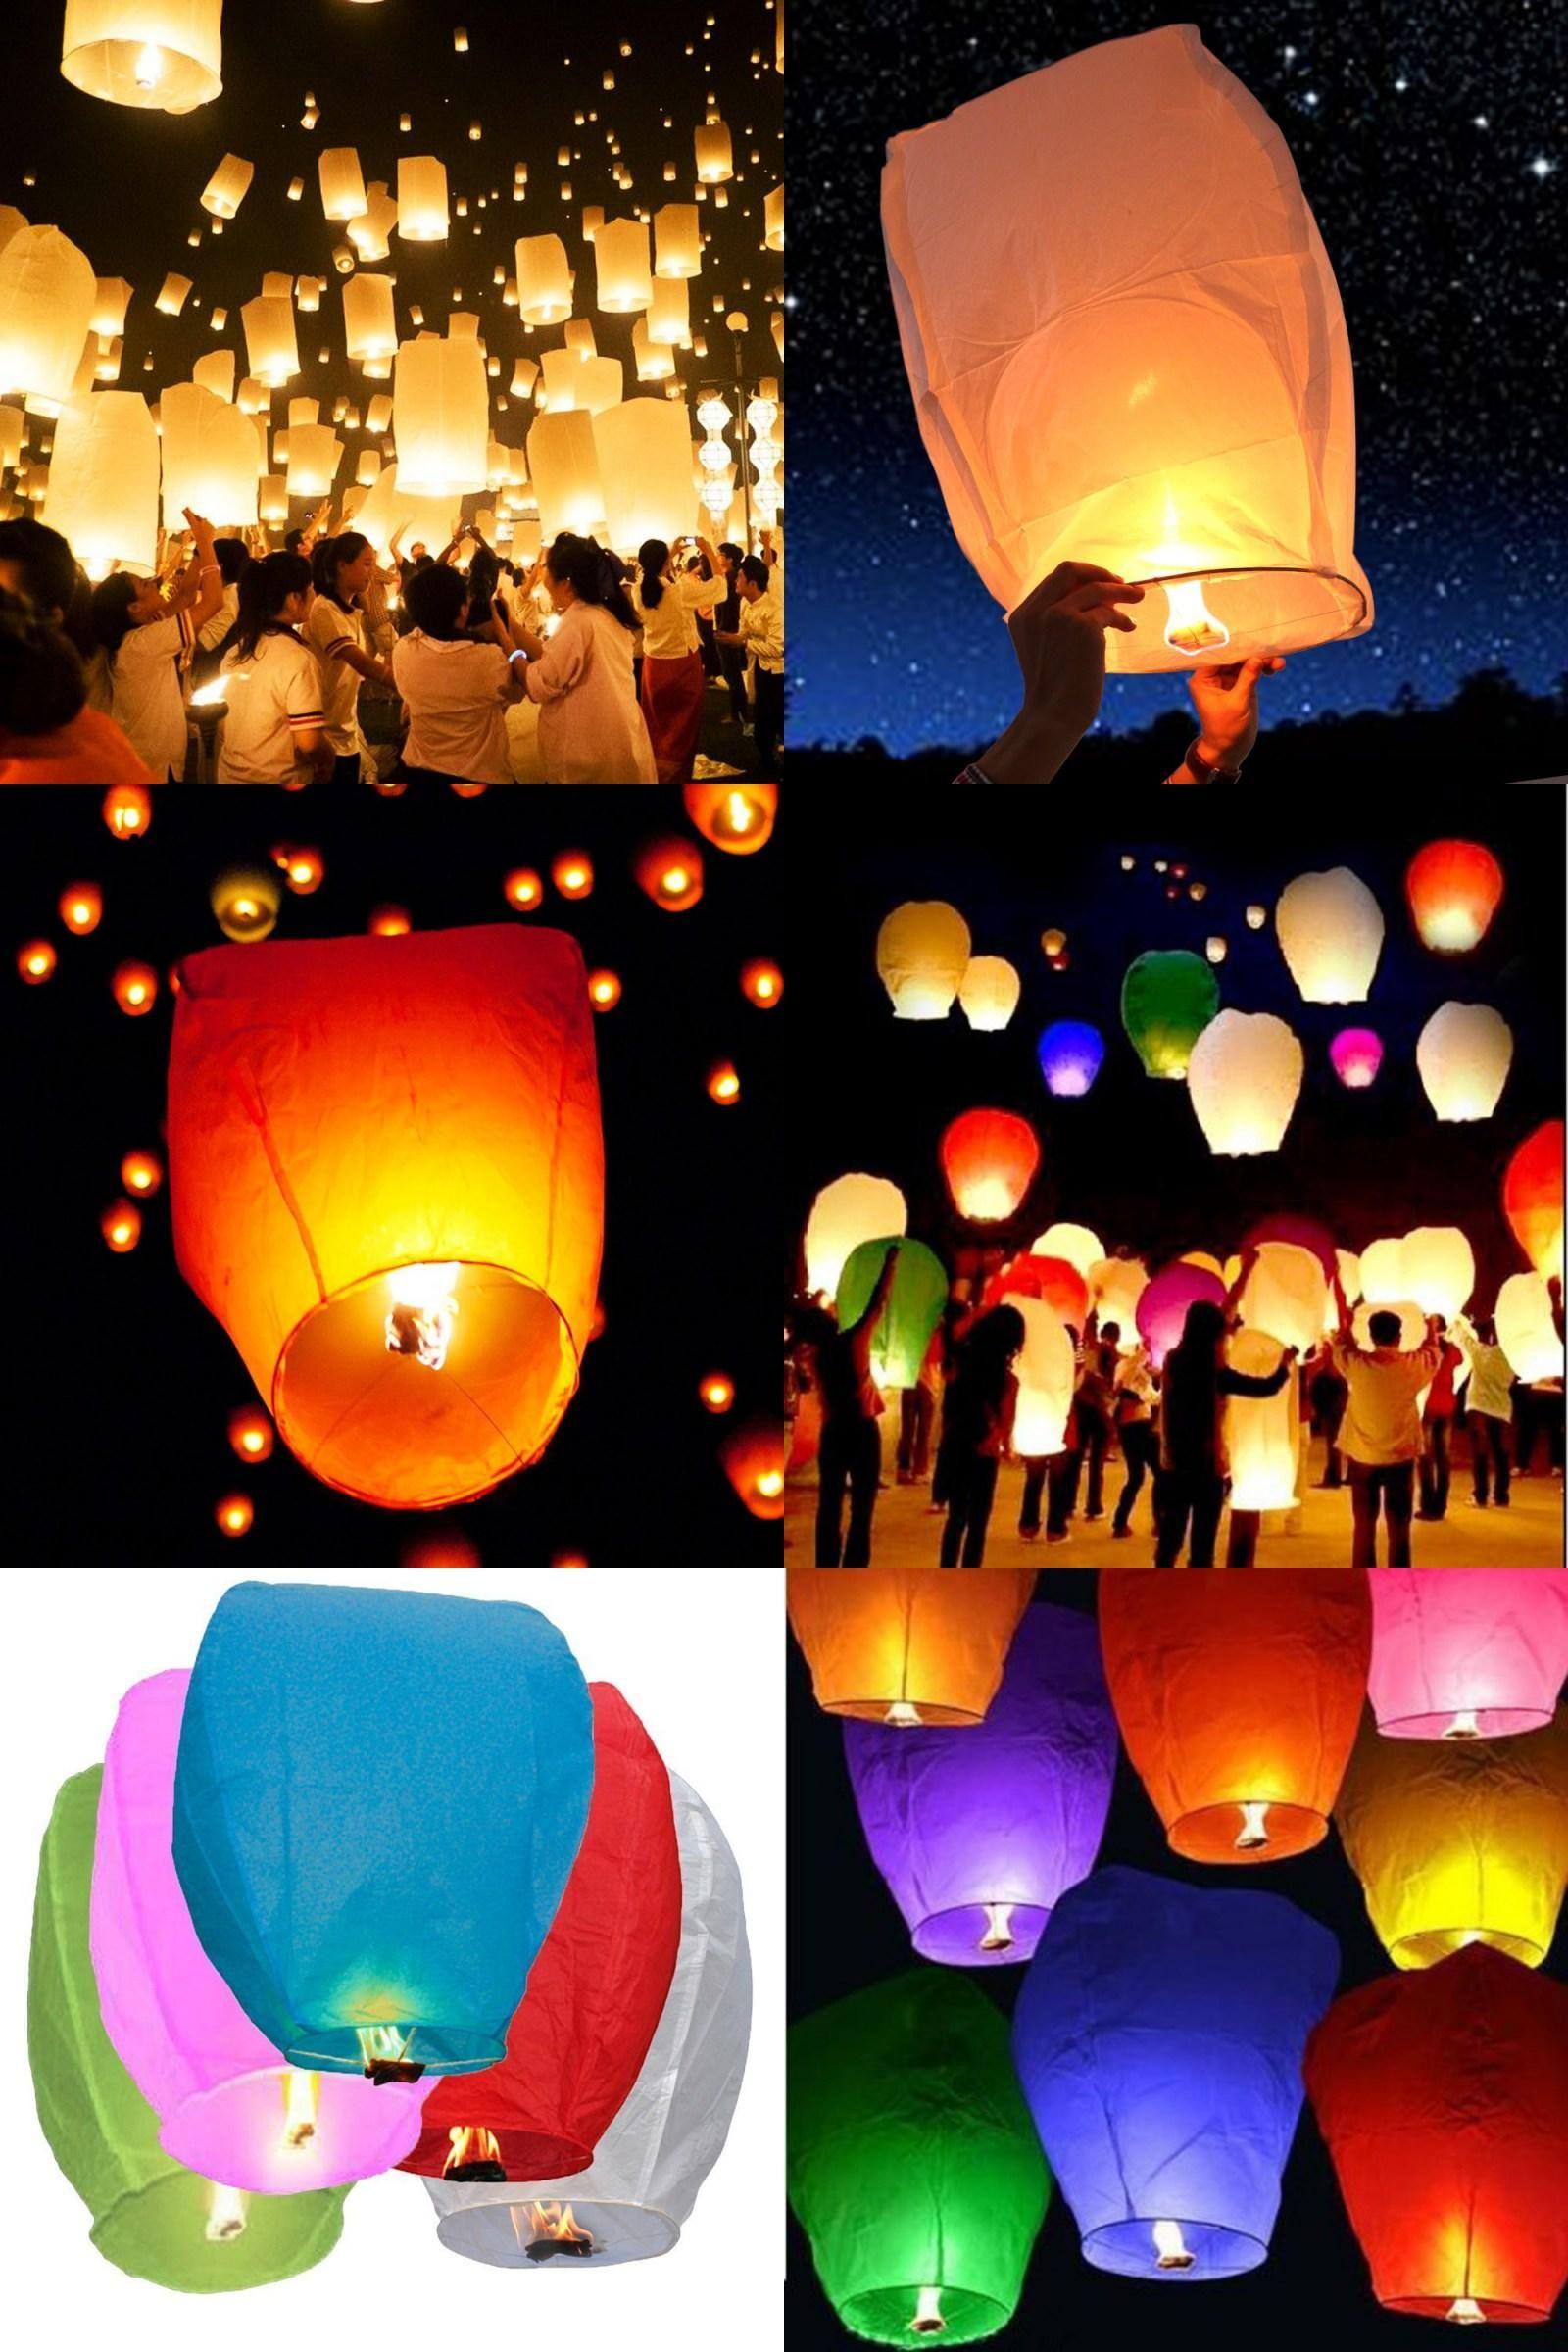 10pcs Flying Wishing Lamp Chinese Lantern Sky Lanterns Air Kongming Lantern